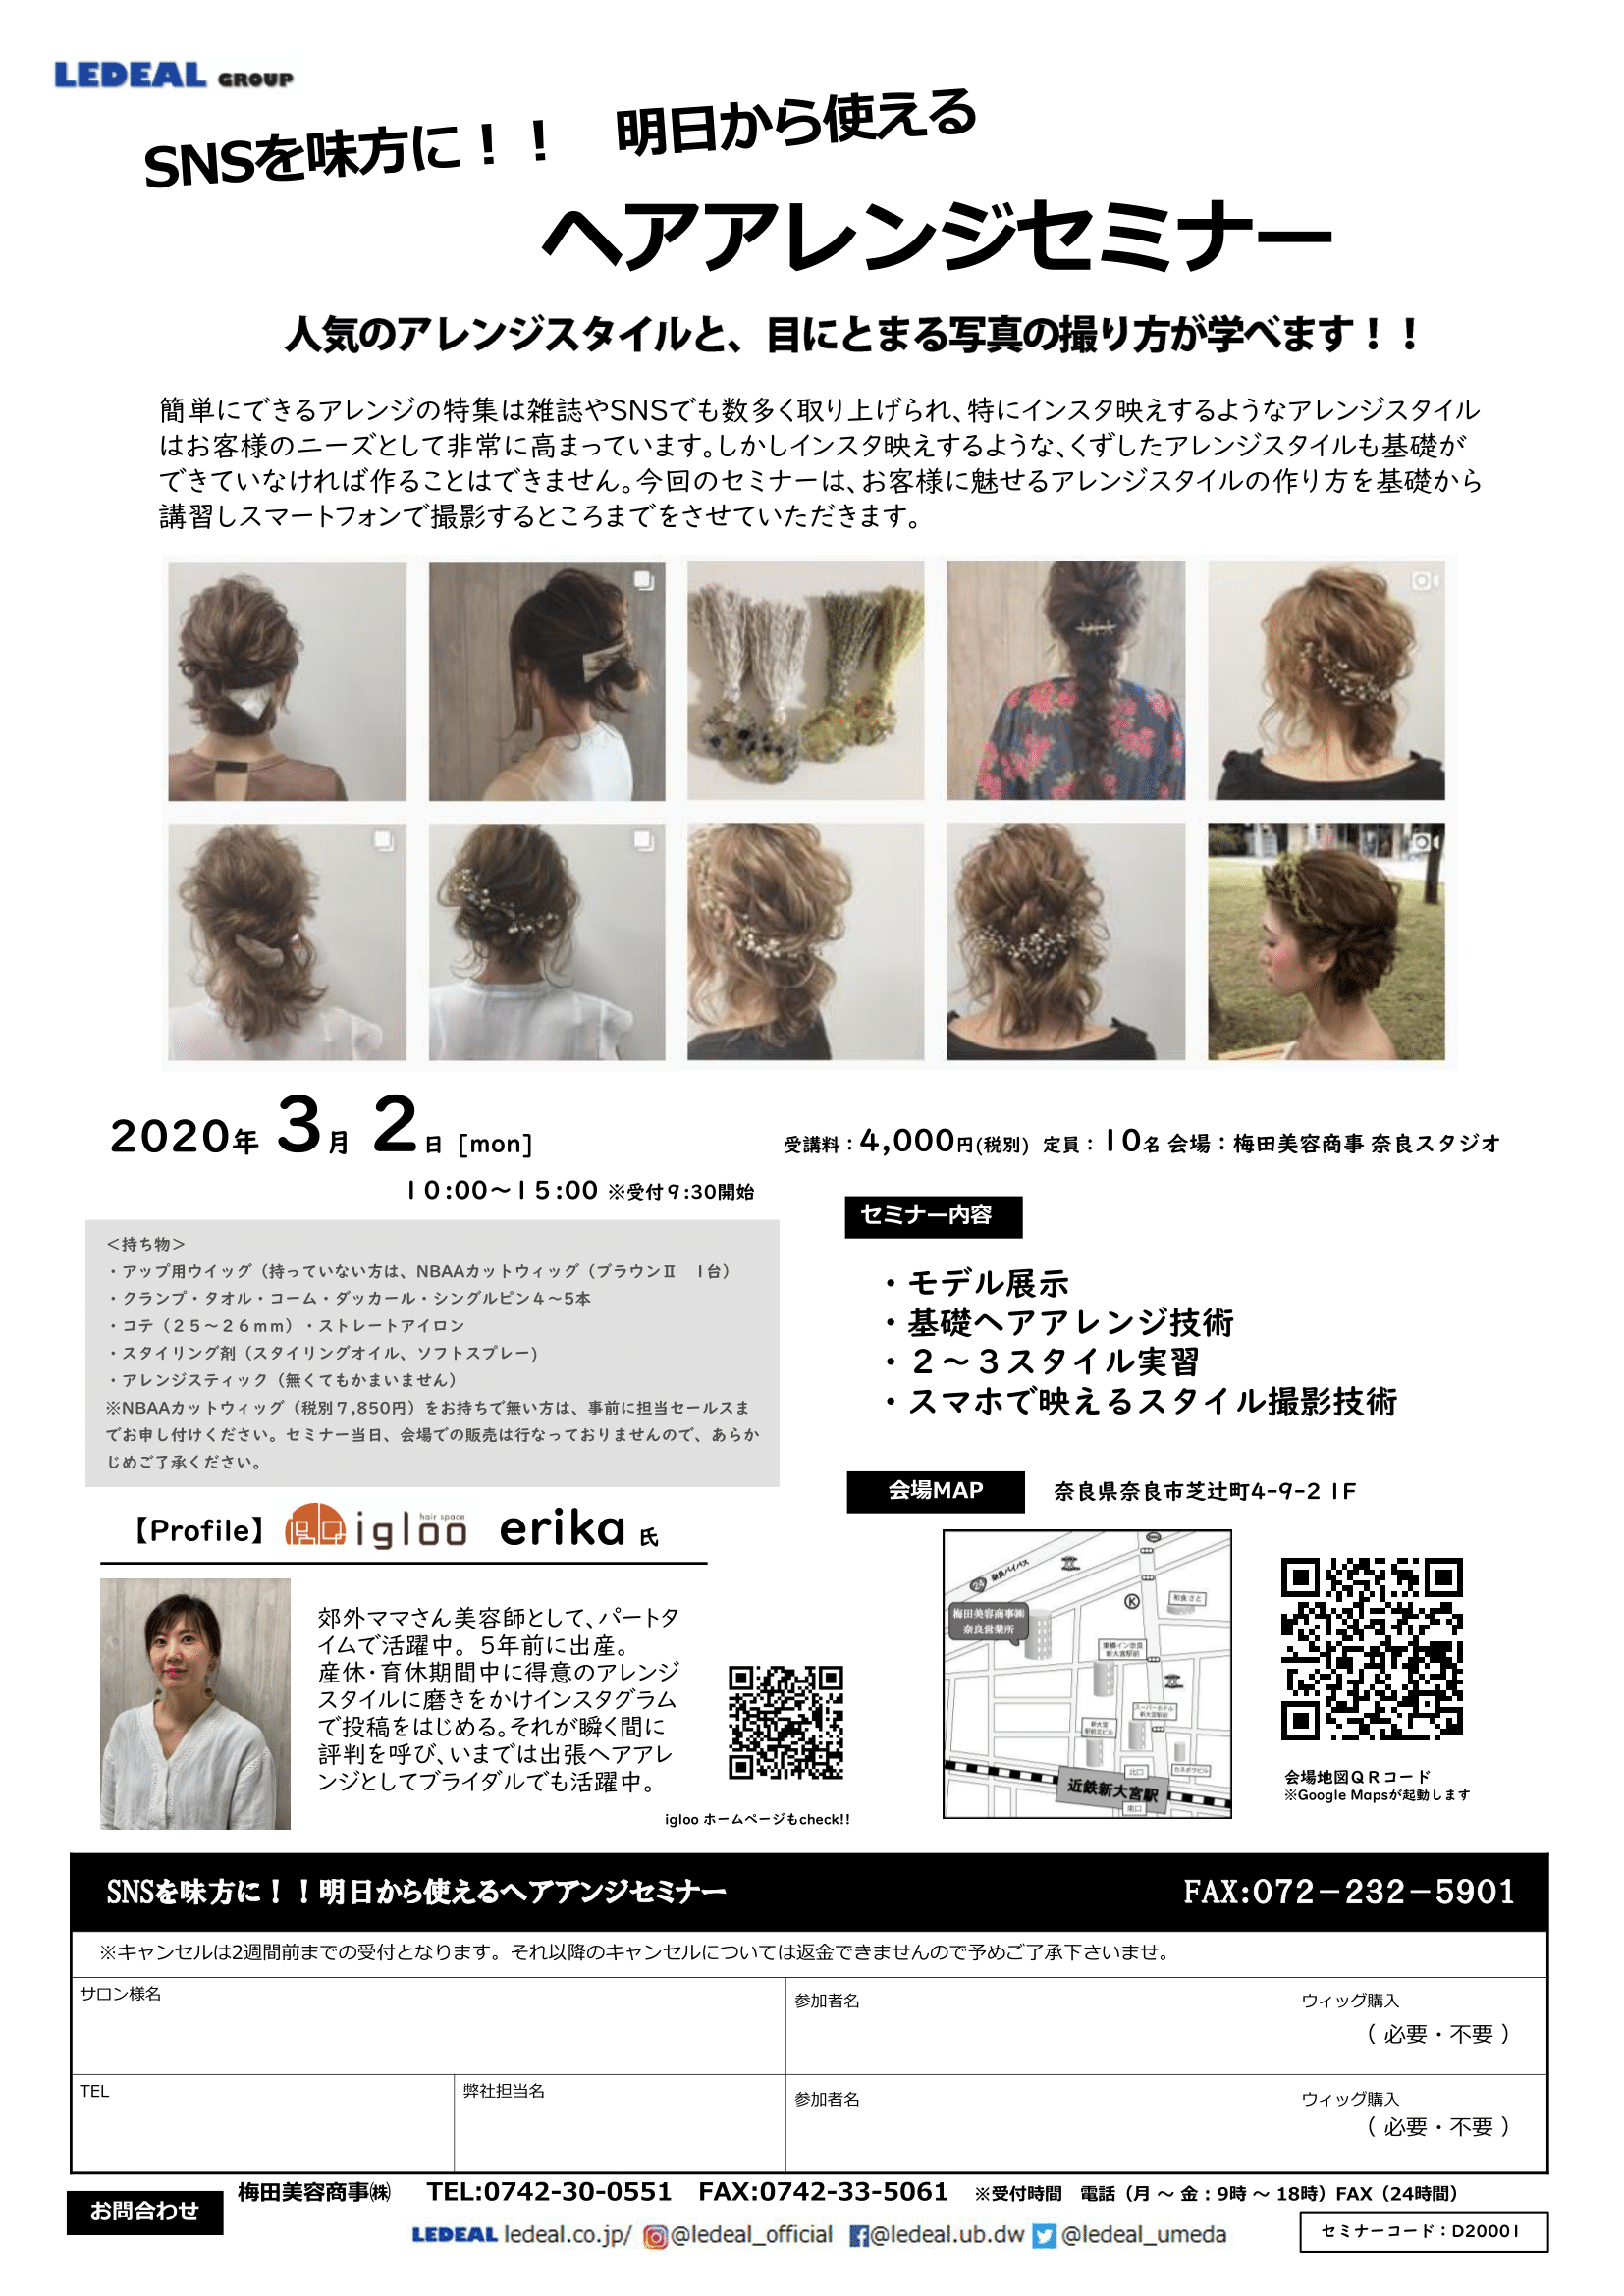 【奈良】SNSを味方に!明日から使えるヘアアレンジセミナー